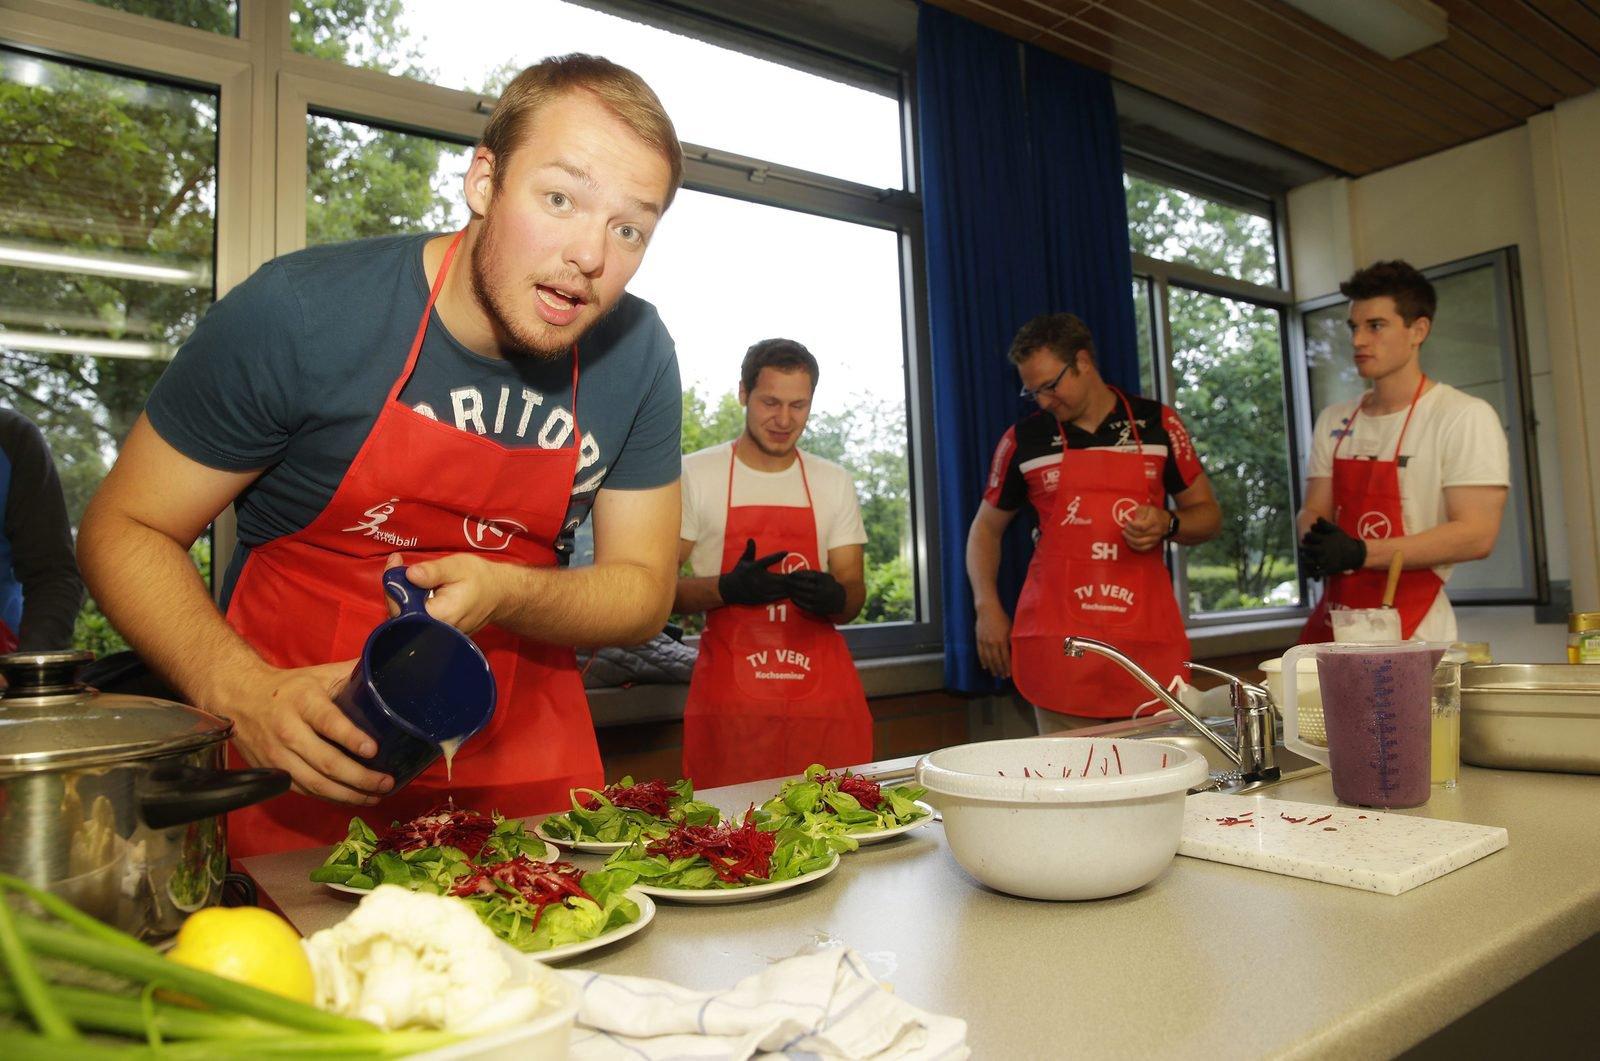 ... und Martin Wiesing nahmen am exotischen Kochkurs für Männer teil